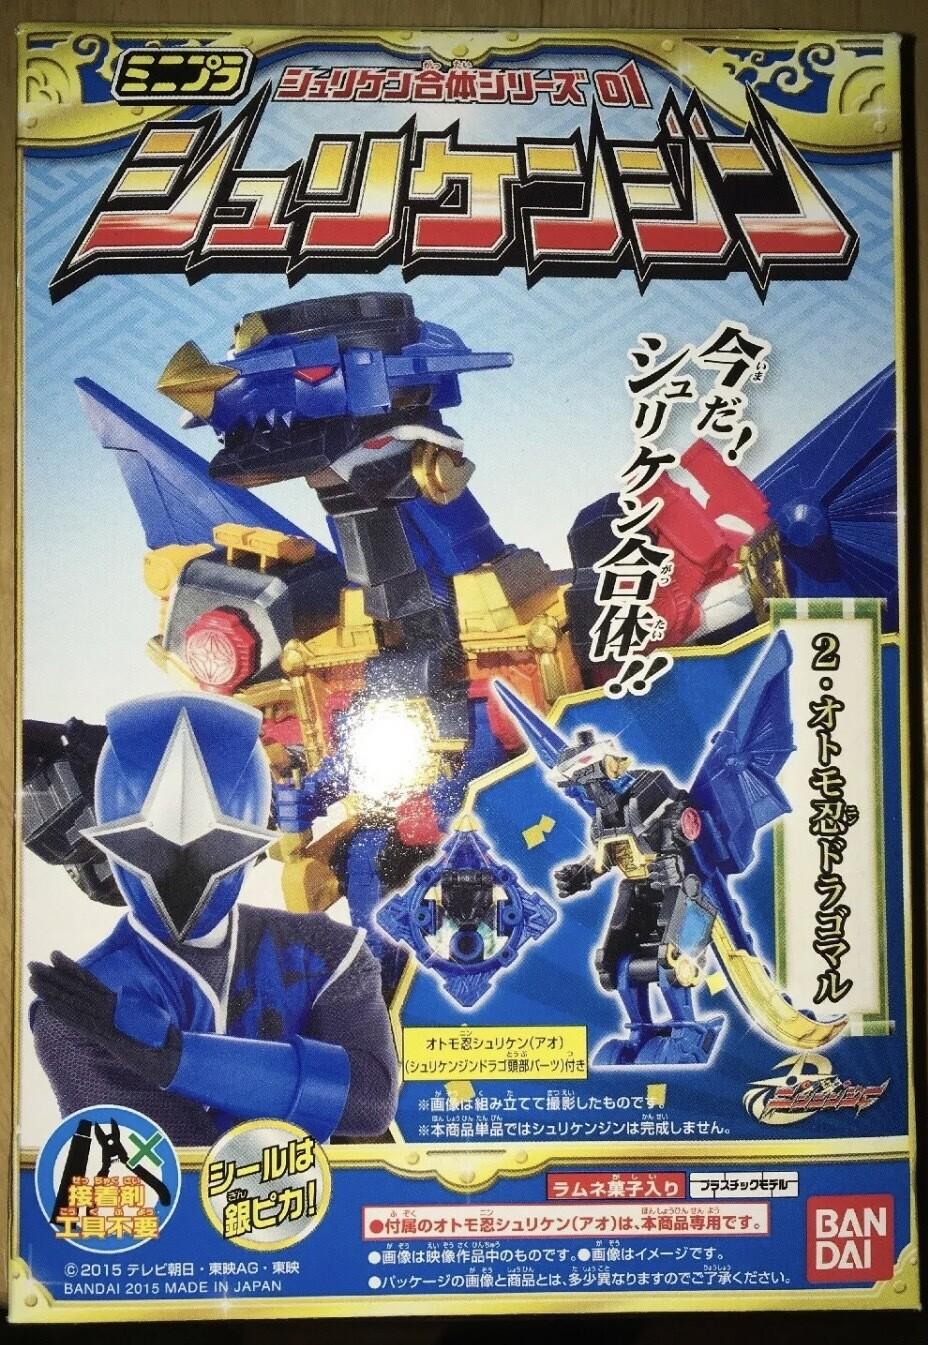 Bandai New Blue Power Ranger Shuriken Ninninger Mini Pia Model Kit 160mm